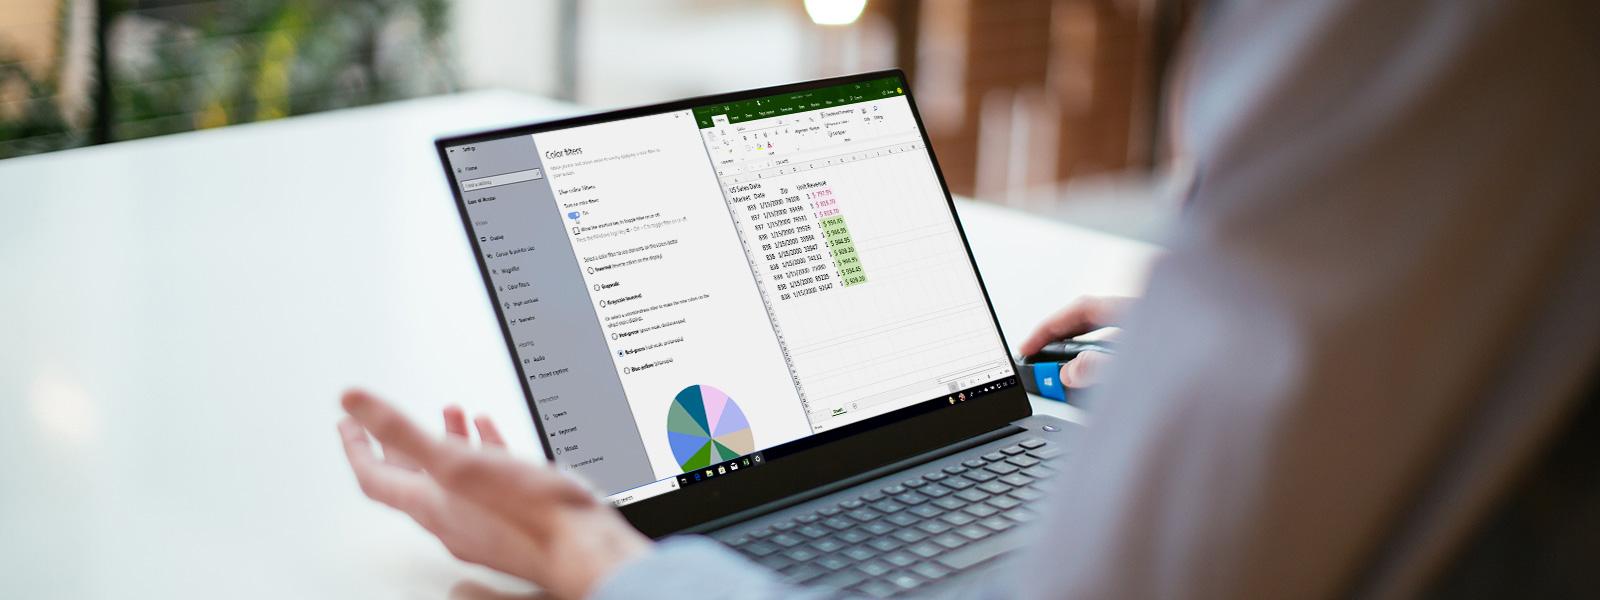 Uma pessoa a utilizar um computador portátil com os filtros de cor ativados no Windows 10